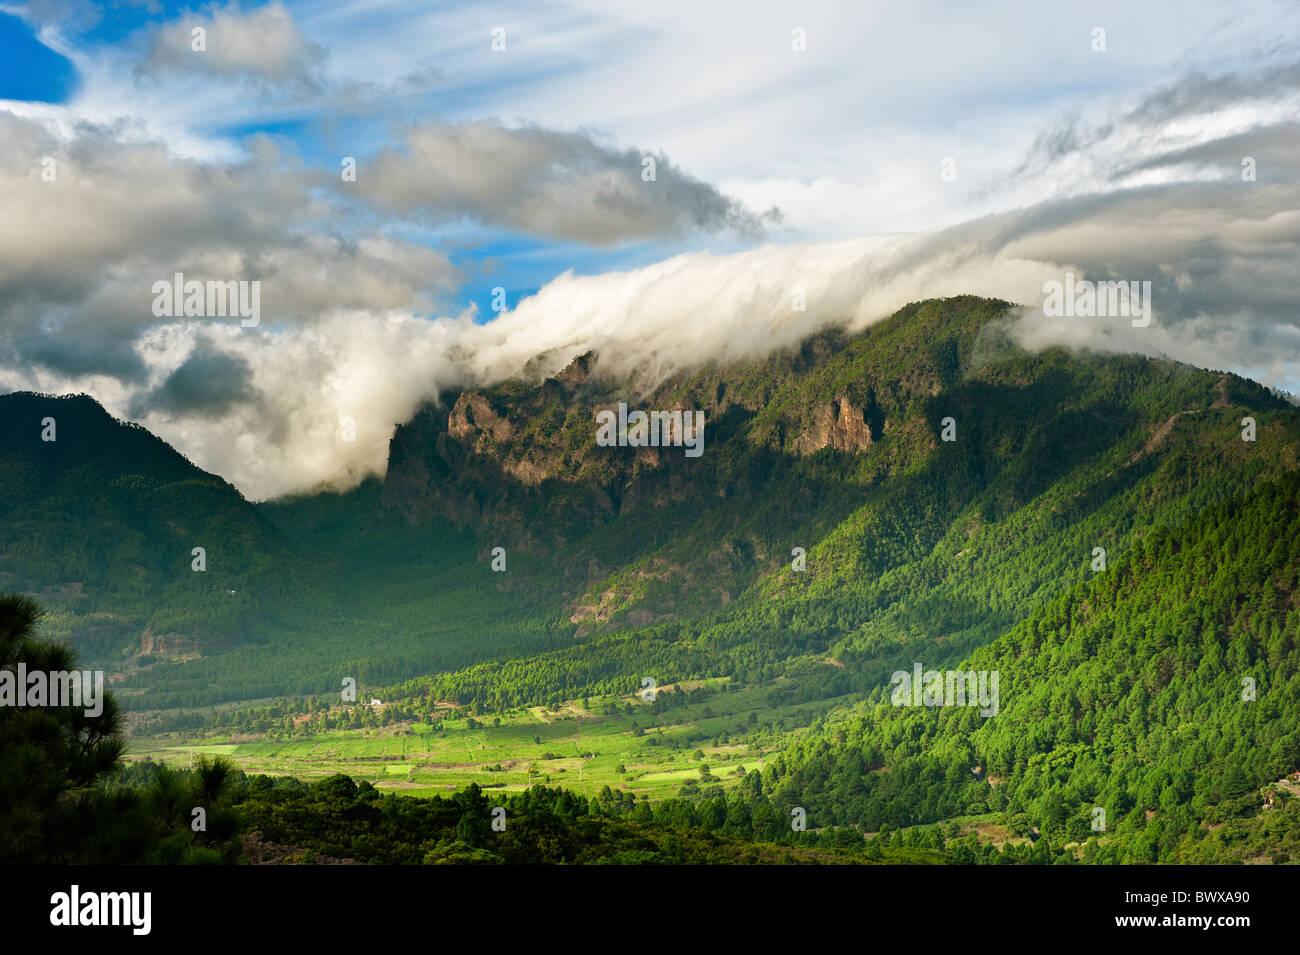 Schöne Landschaft der Berge in La Palma, Kanarische Inseln, Spanien Stockbild